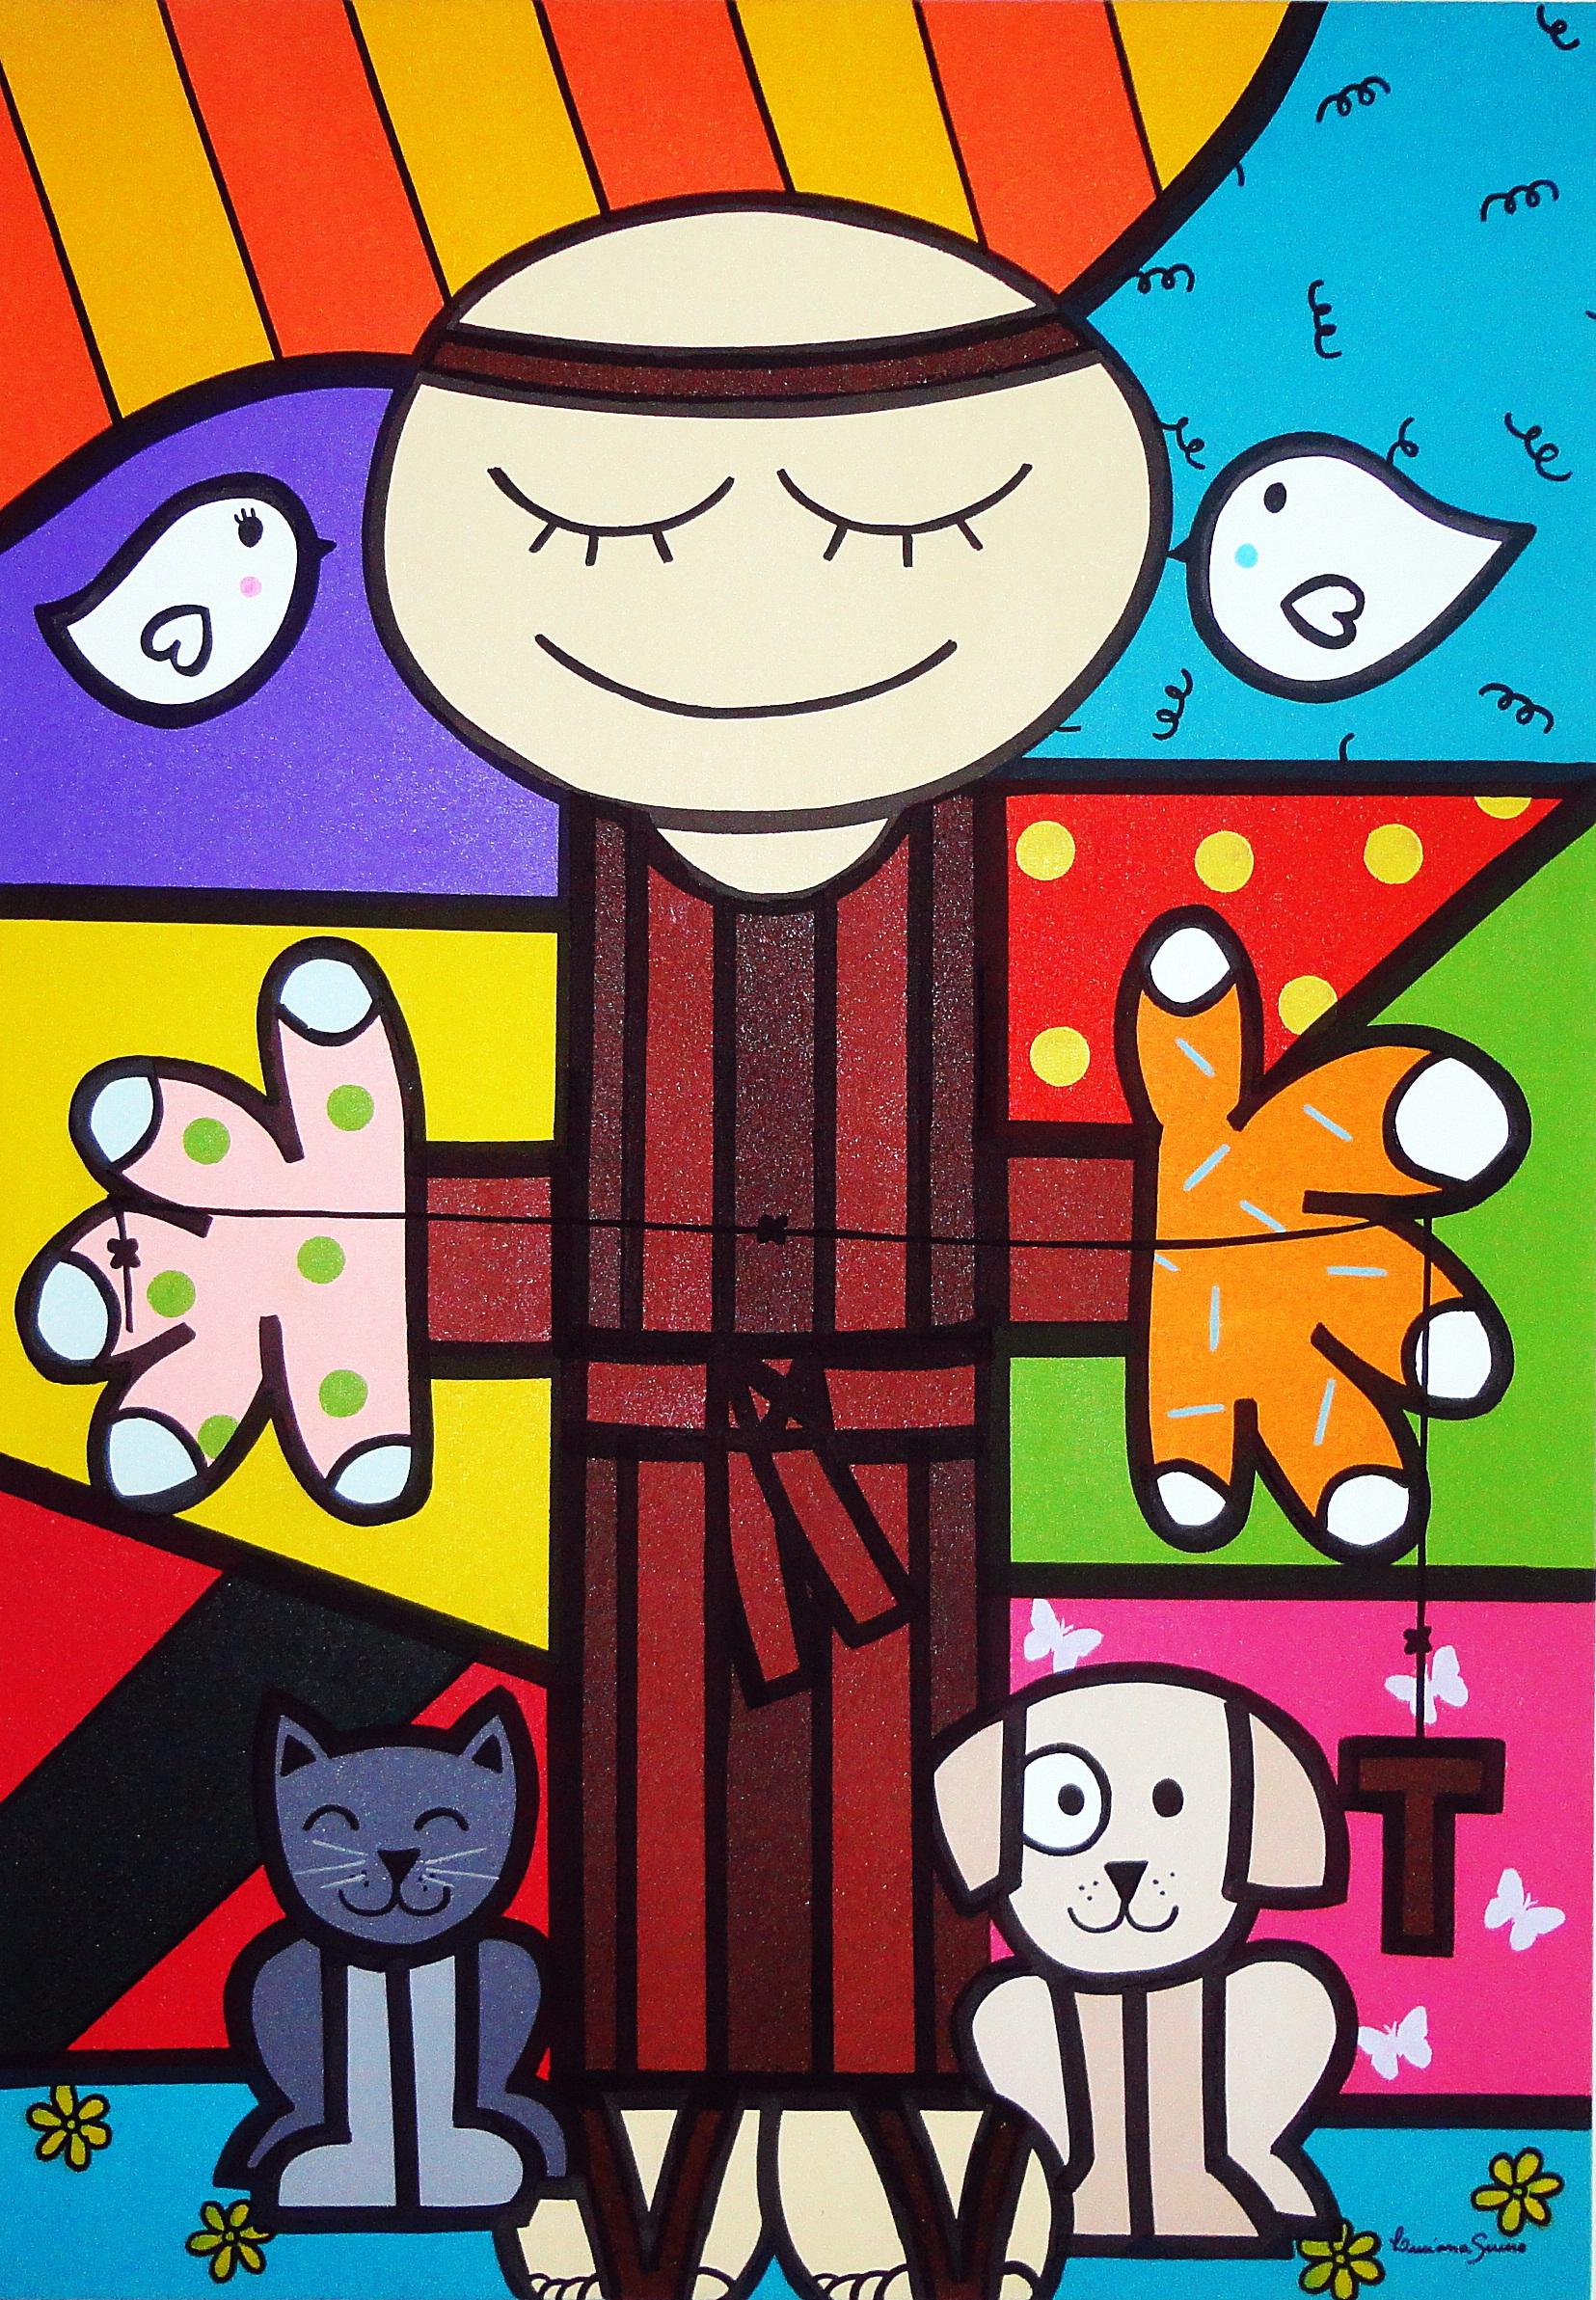 com Animais ATELIÊ DE ARTES PLÁSTICAS BY LUCIANA SEVERO Elo7 #059AC6 1655x2385